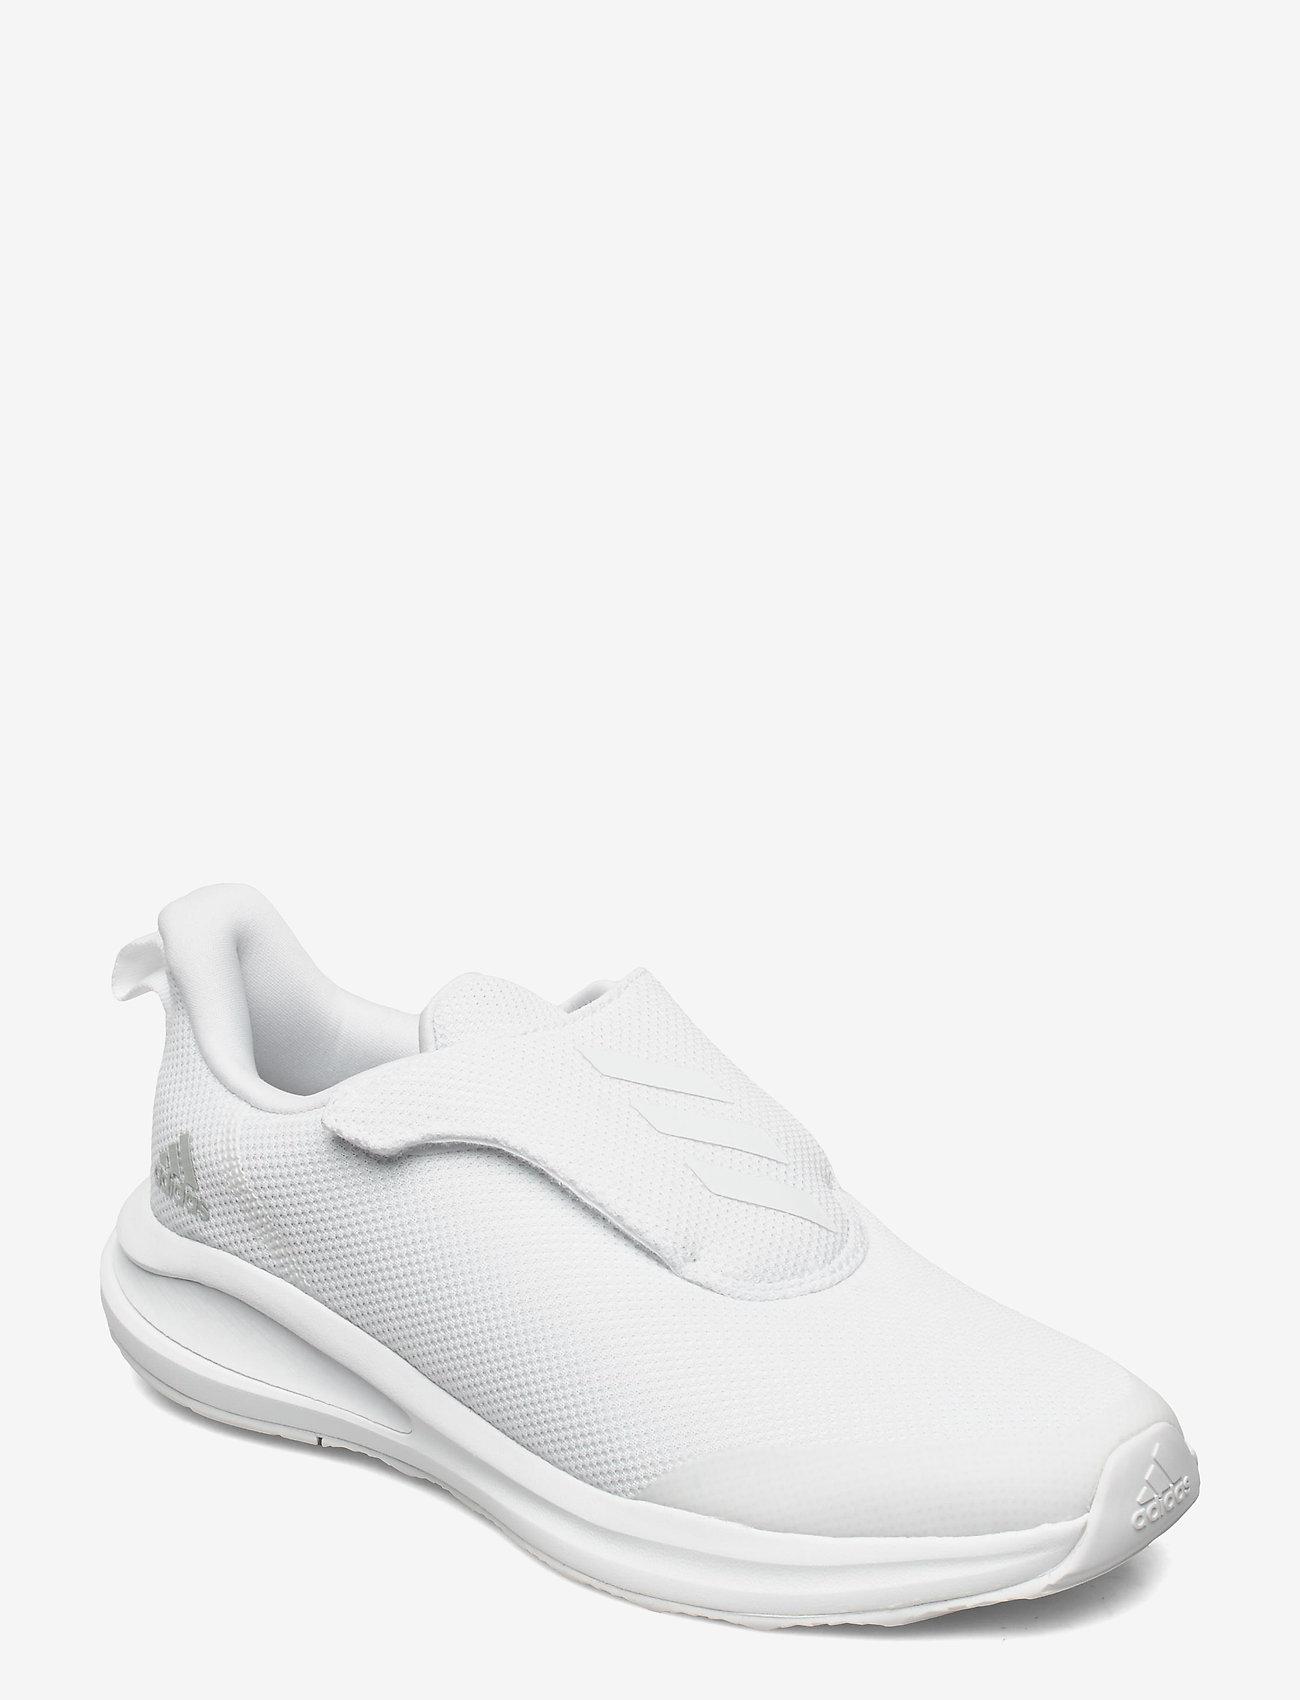 adidas Performance - FortaRun AC K - trainingsschuhe - ftwwht/ftwwht/gretwo - 0